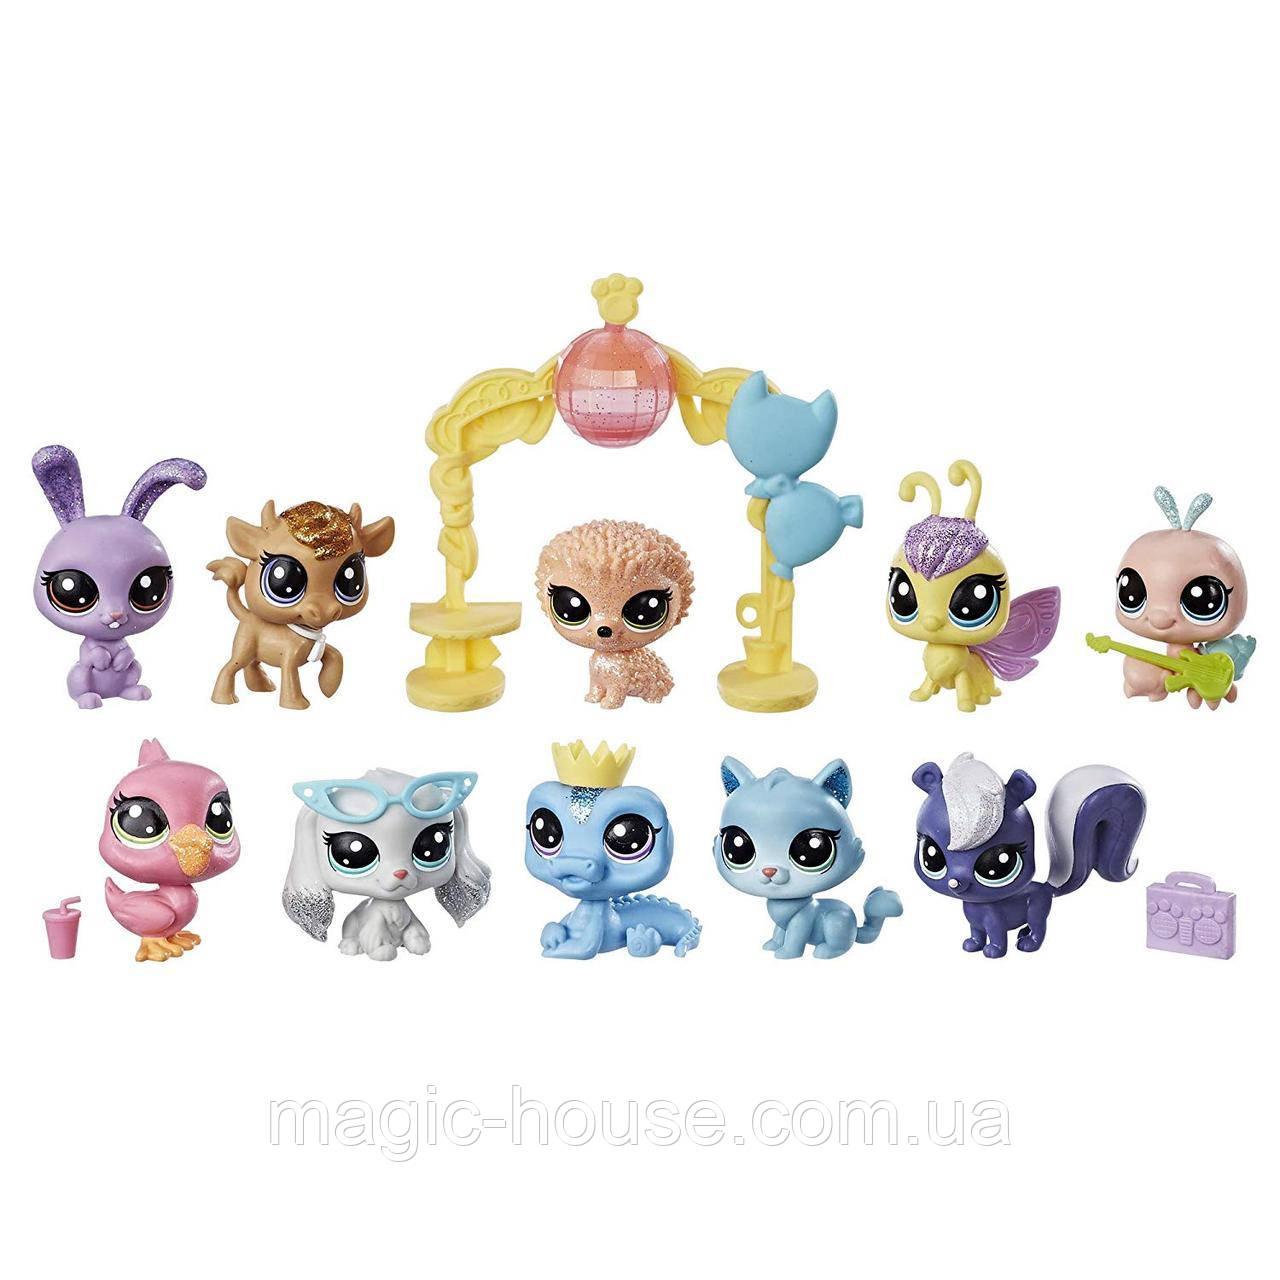 Игровой набор Littlest Pet Shop 10 блестящих домашних животных Sparkle Spectacular Collection